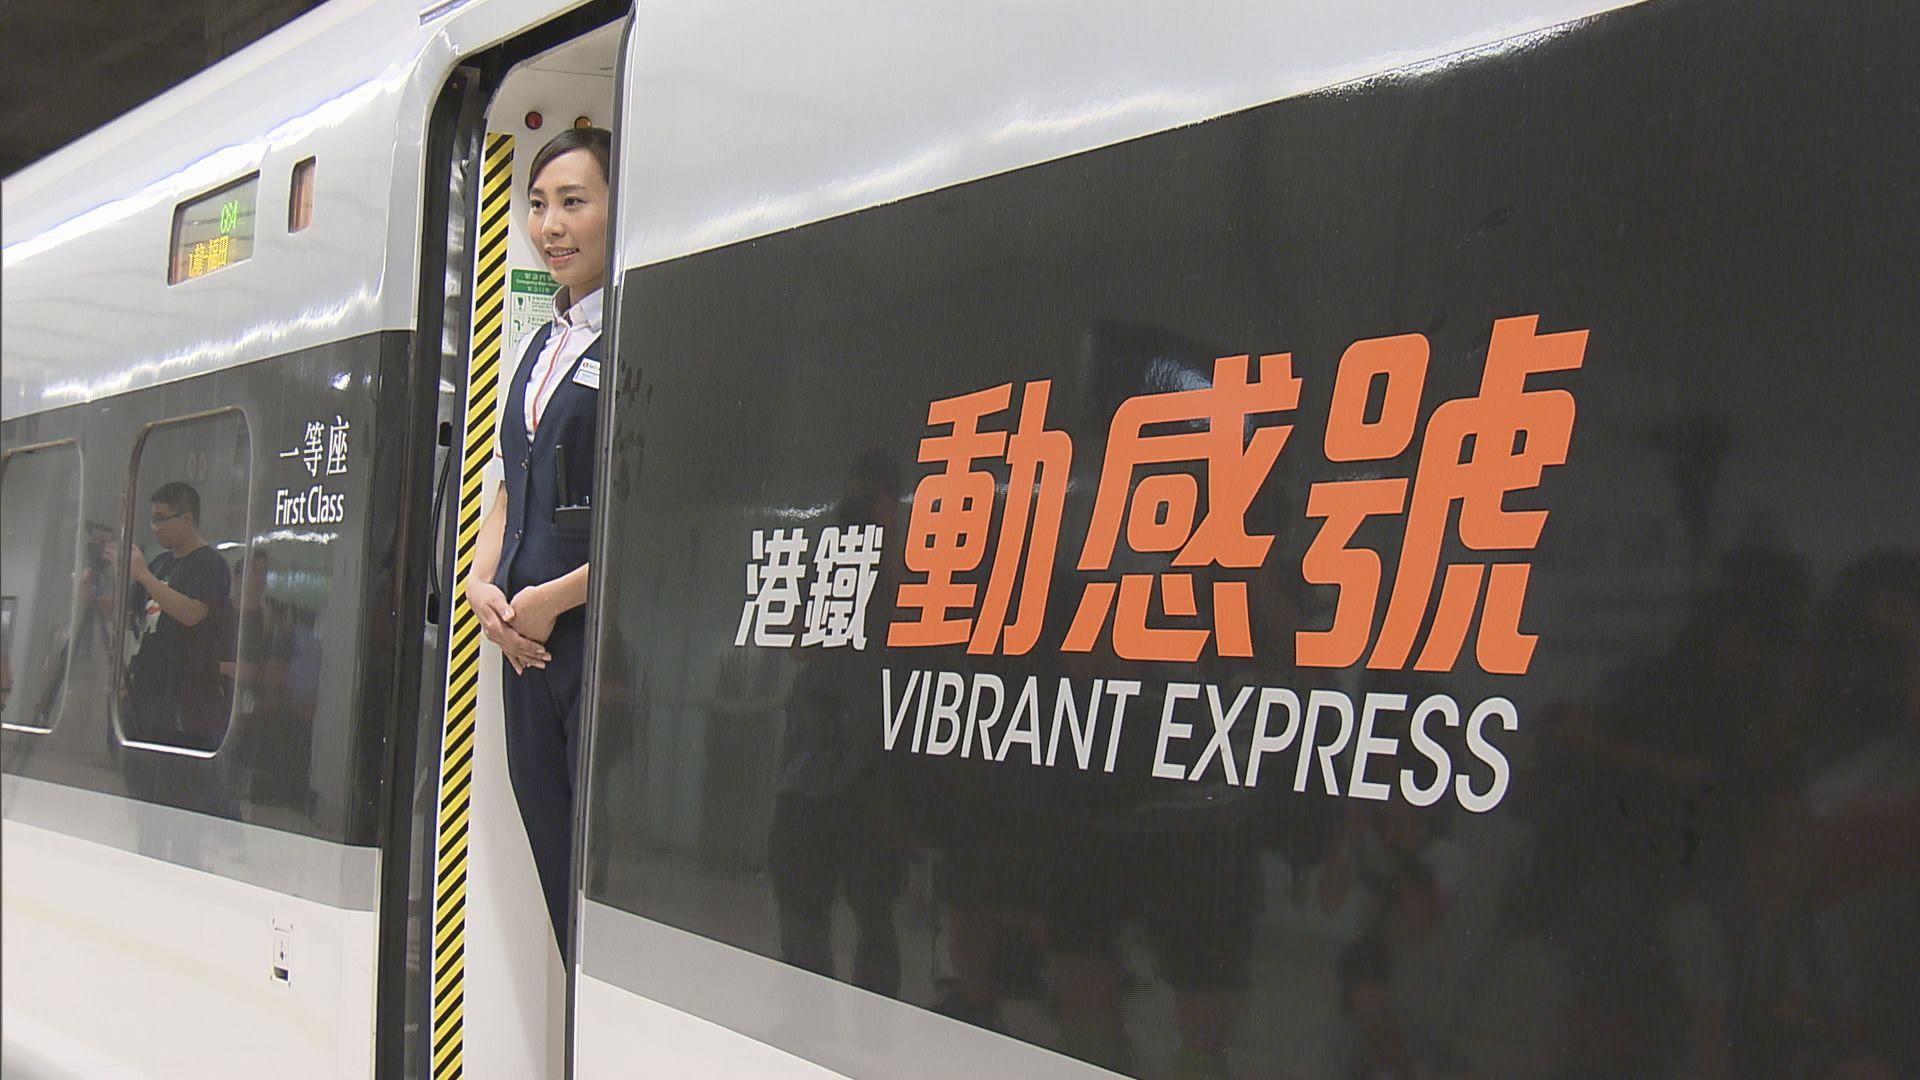 機電工程署確認高鐵香港段安全良好可投入服務